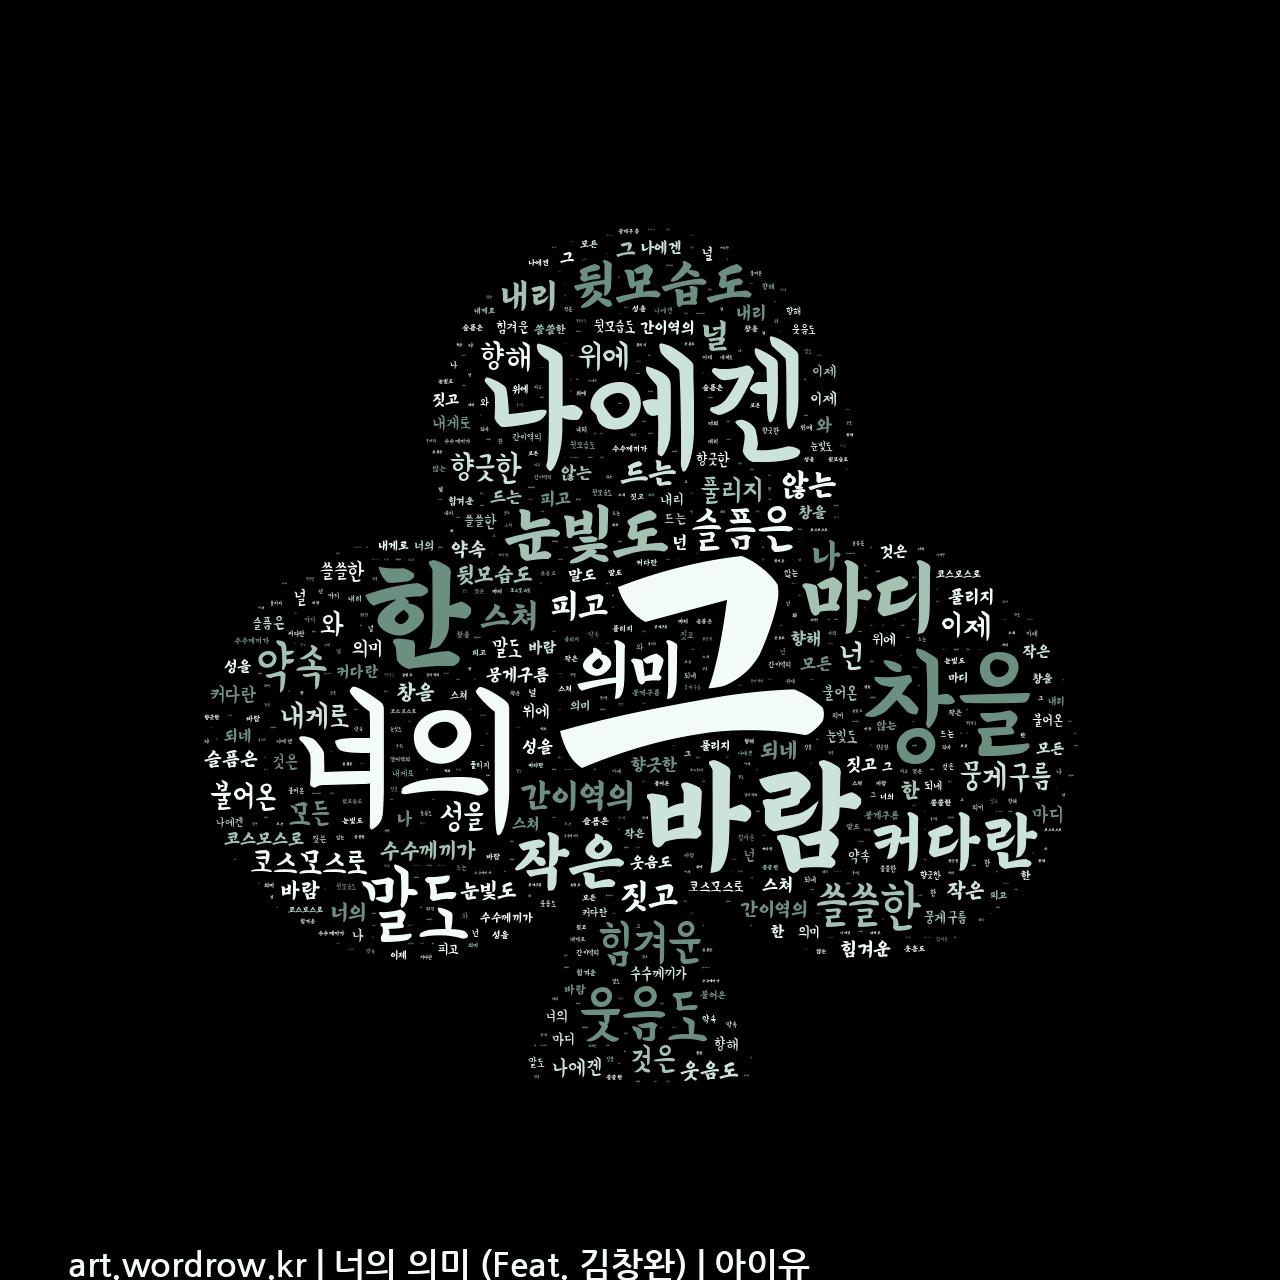 워드 아트: 너의 의미 (Feat. 김창완) [아이유]-40